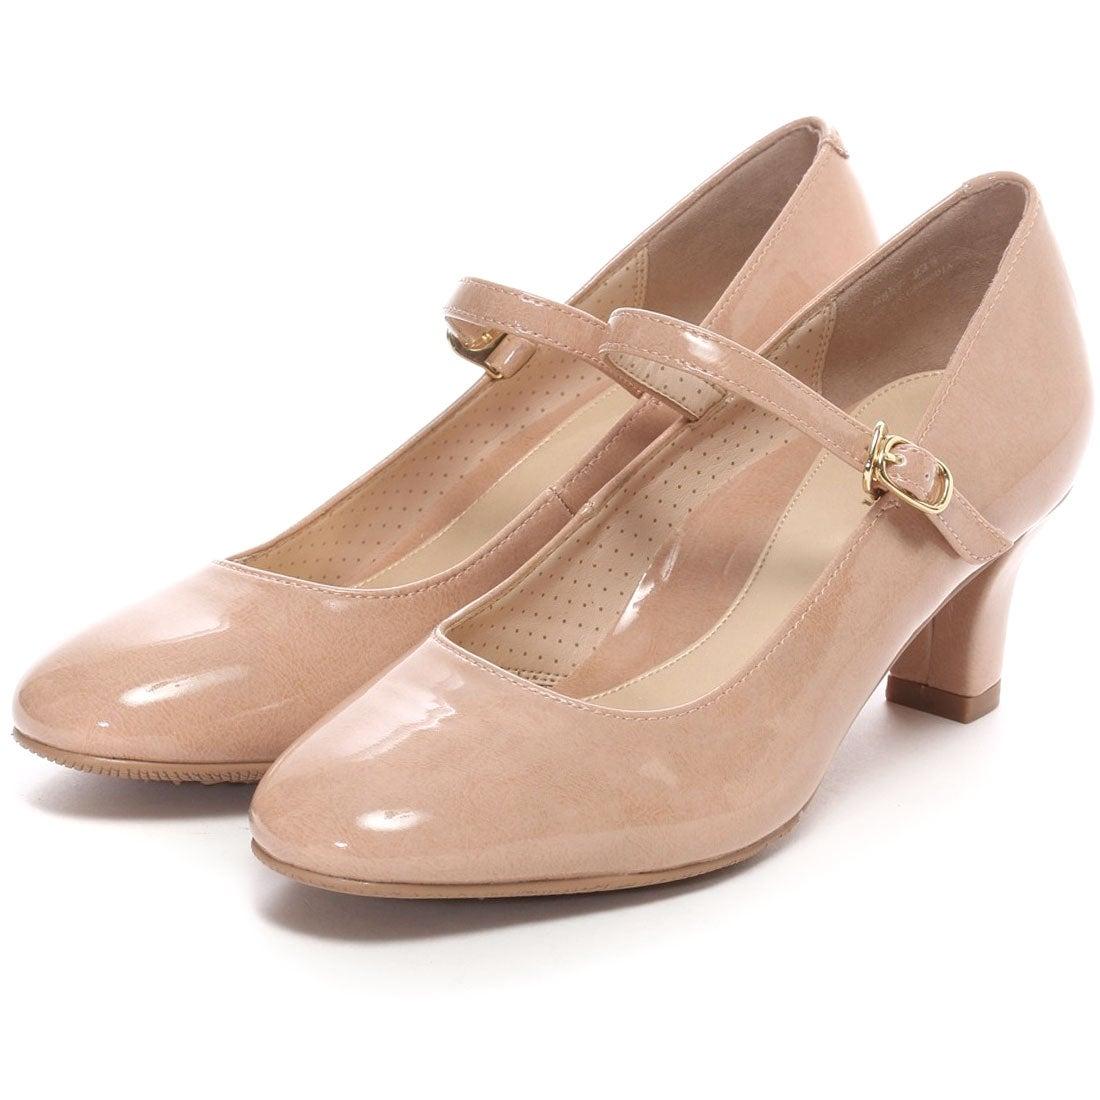 ピッティ Pitti ストラップレインパンプスPDR857(ピンクベージュエナメル) ,靴とファッションの通販サイト ロコンド